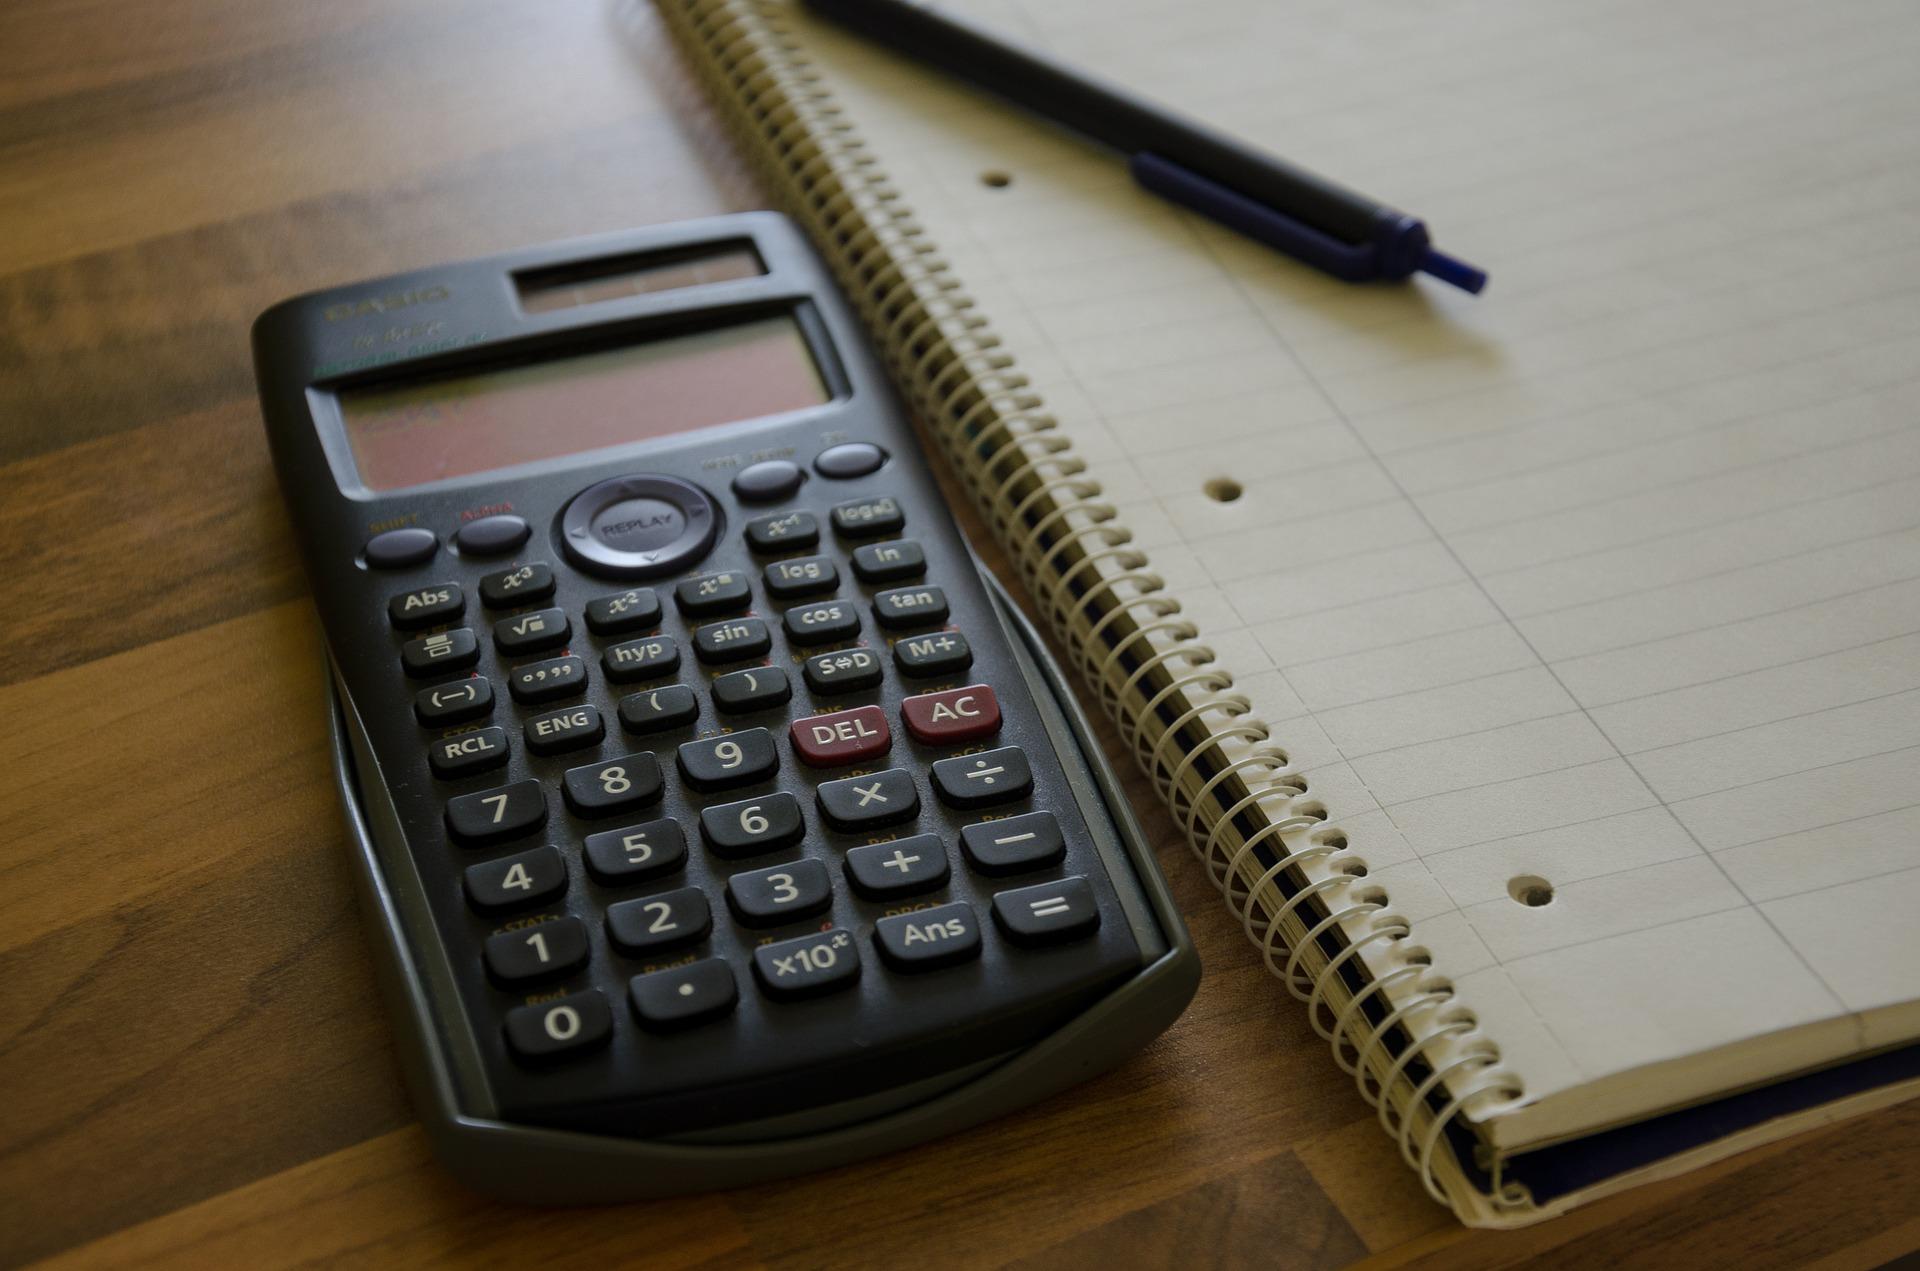 Casio calculator, notebook and pen